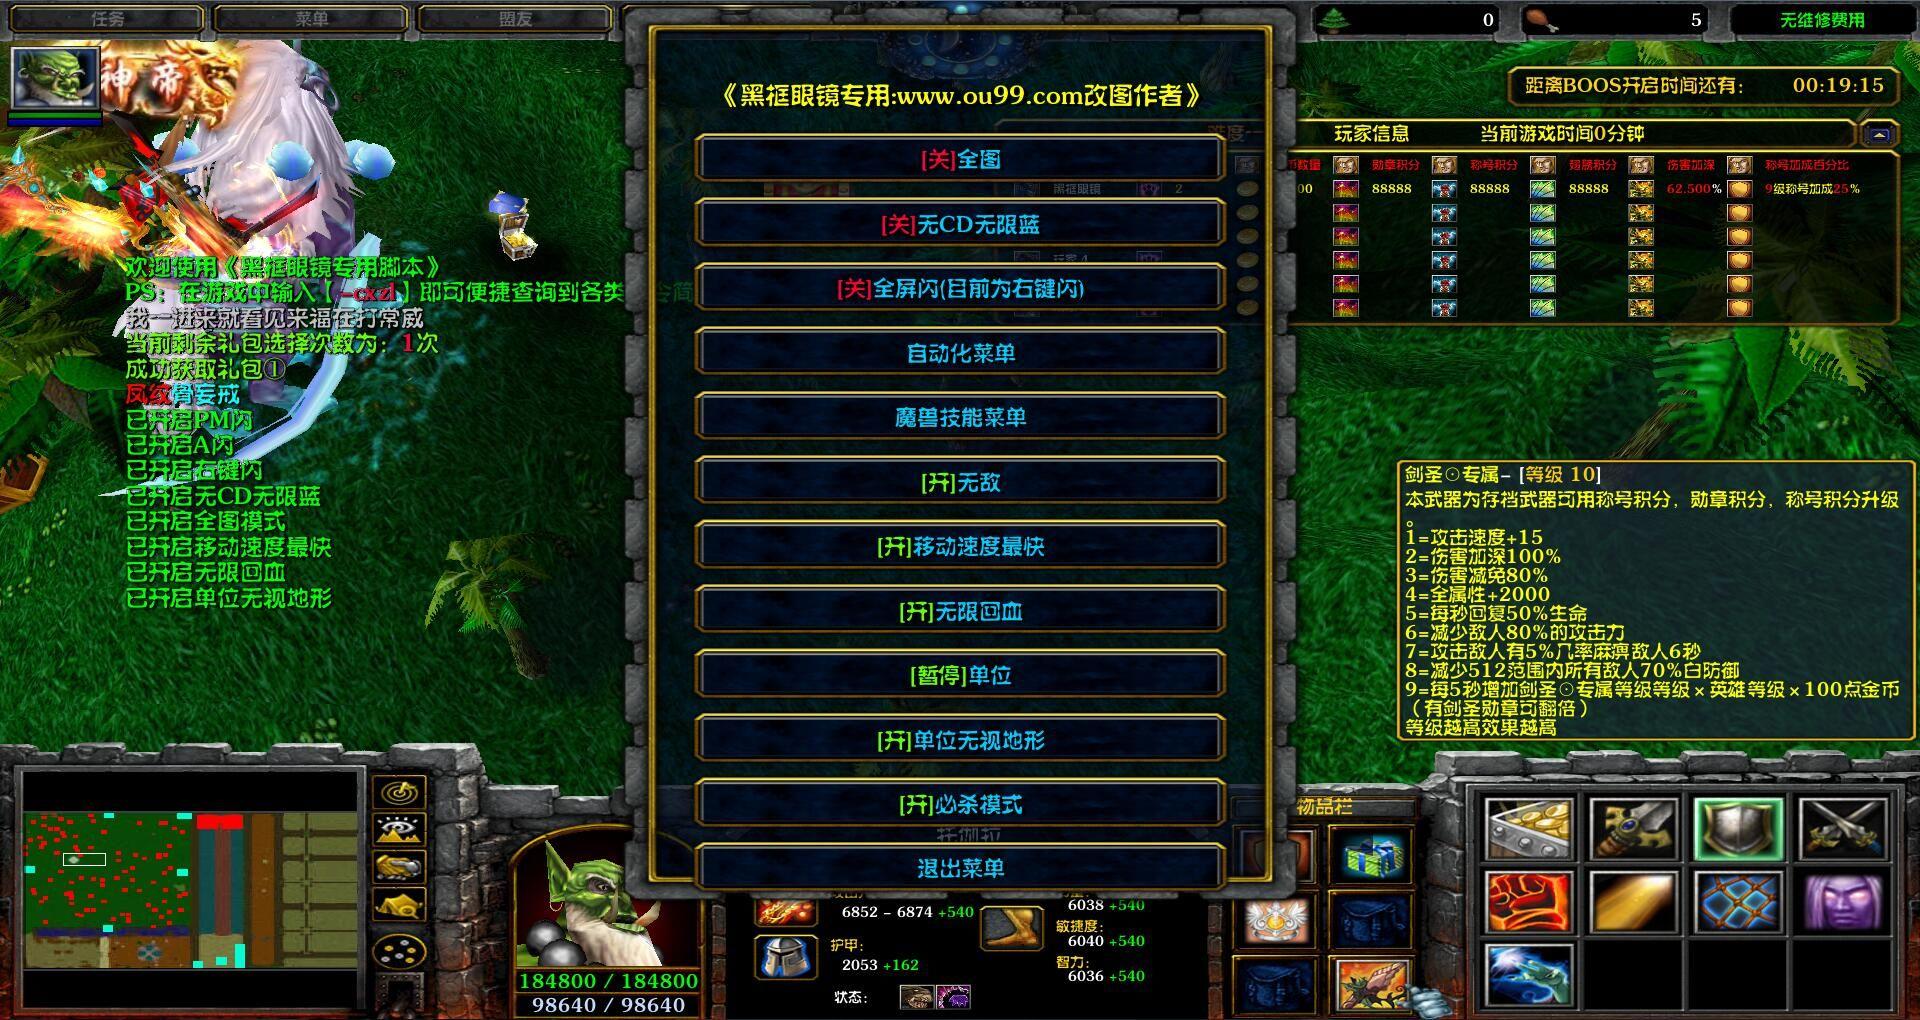 剑圣防守战1.0.2黑式破解